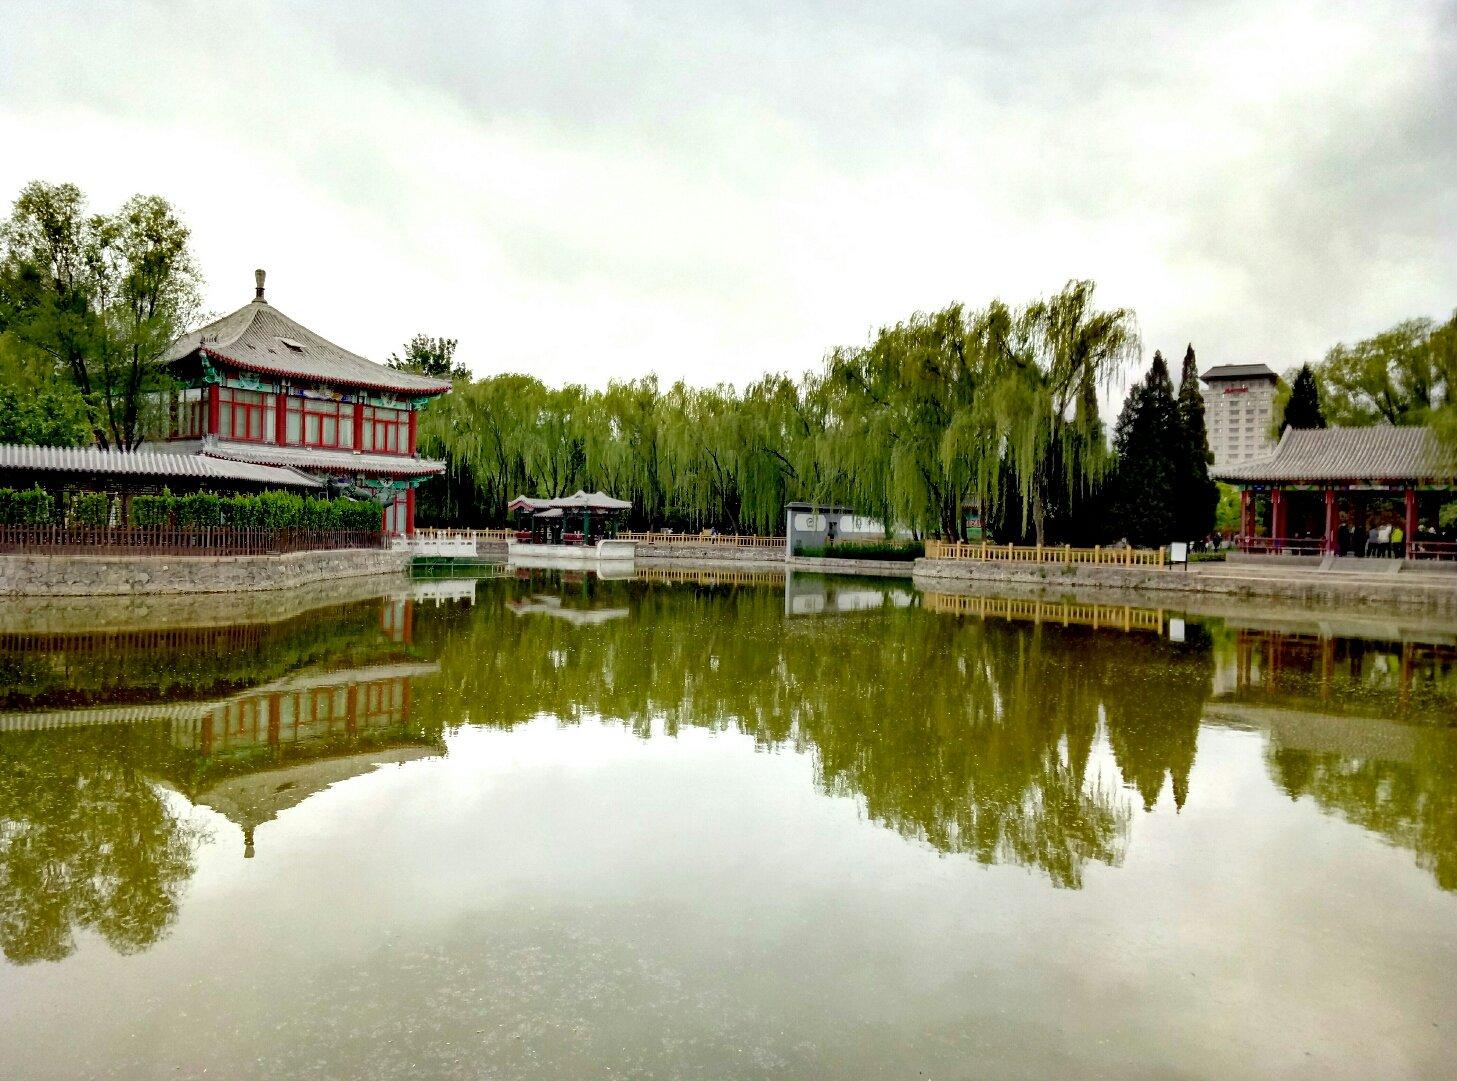 北京市朝阳区高碑店镇北京紫檀万豪行政公寓天气预报